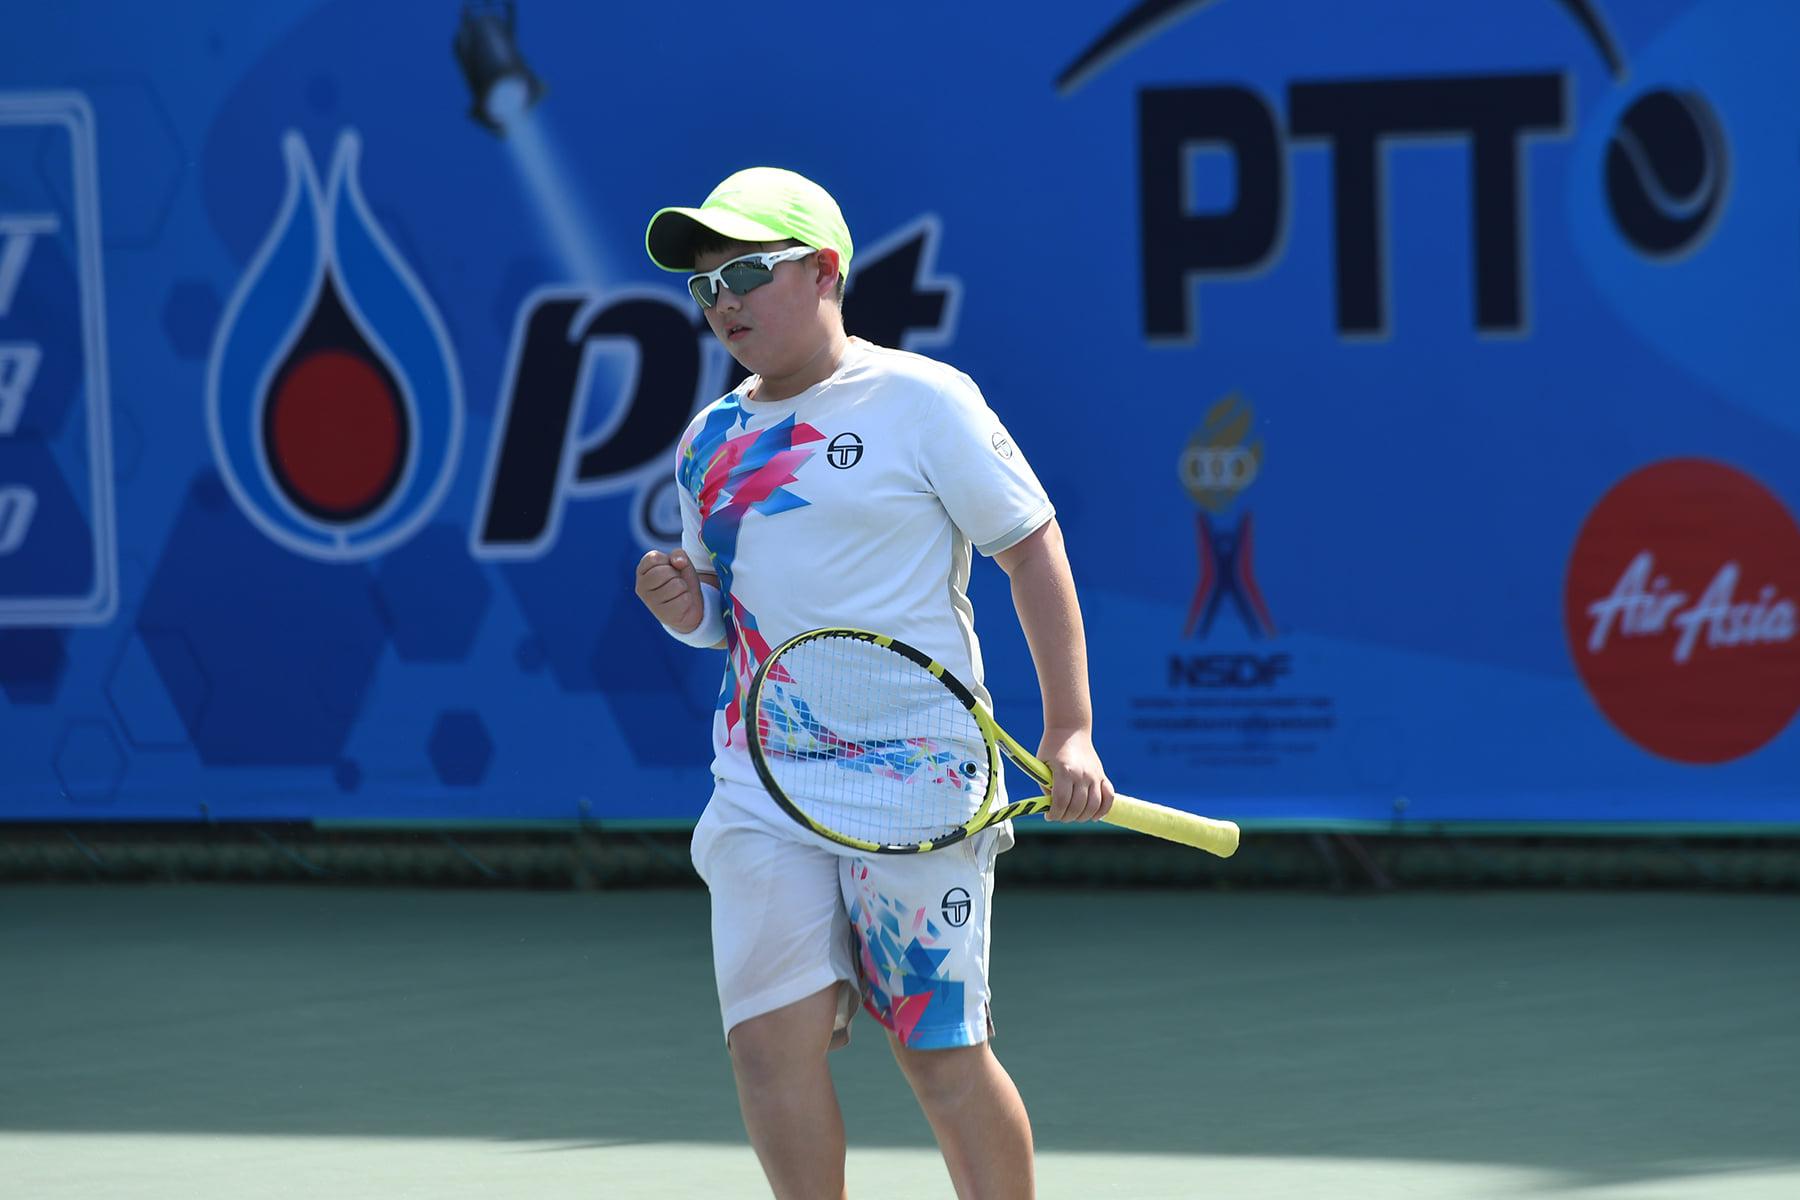 สมาคมกีฬาลอนเทนนิส เทนนิสเรียกเด็ก96คนเตรียมคัดทีมชาติลุ้นติดธงสู้ศึกเอเชียหลังโควิดคลี่คลาย